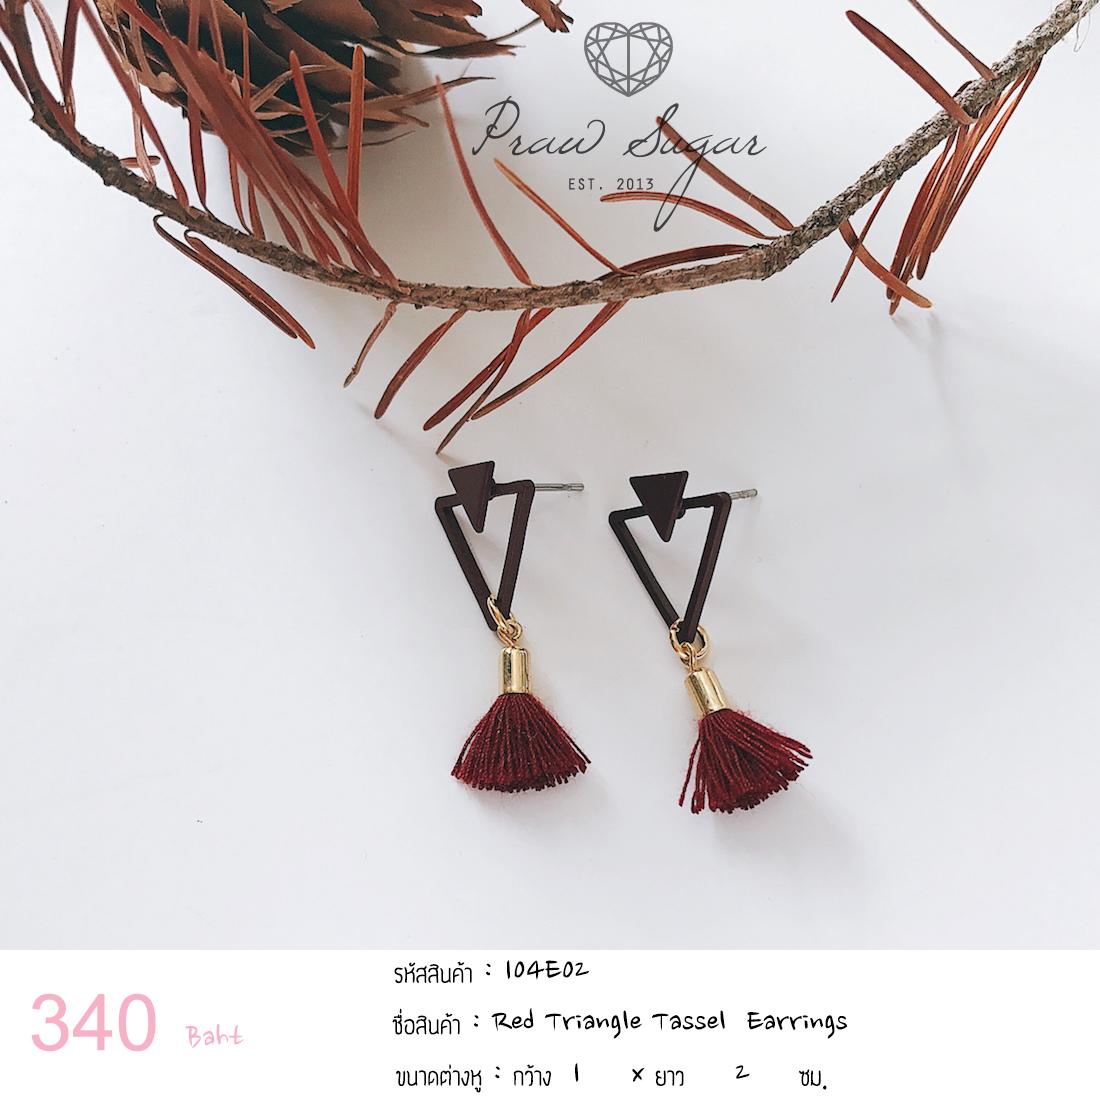 Red Triangle Tassel Earrings